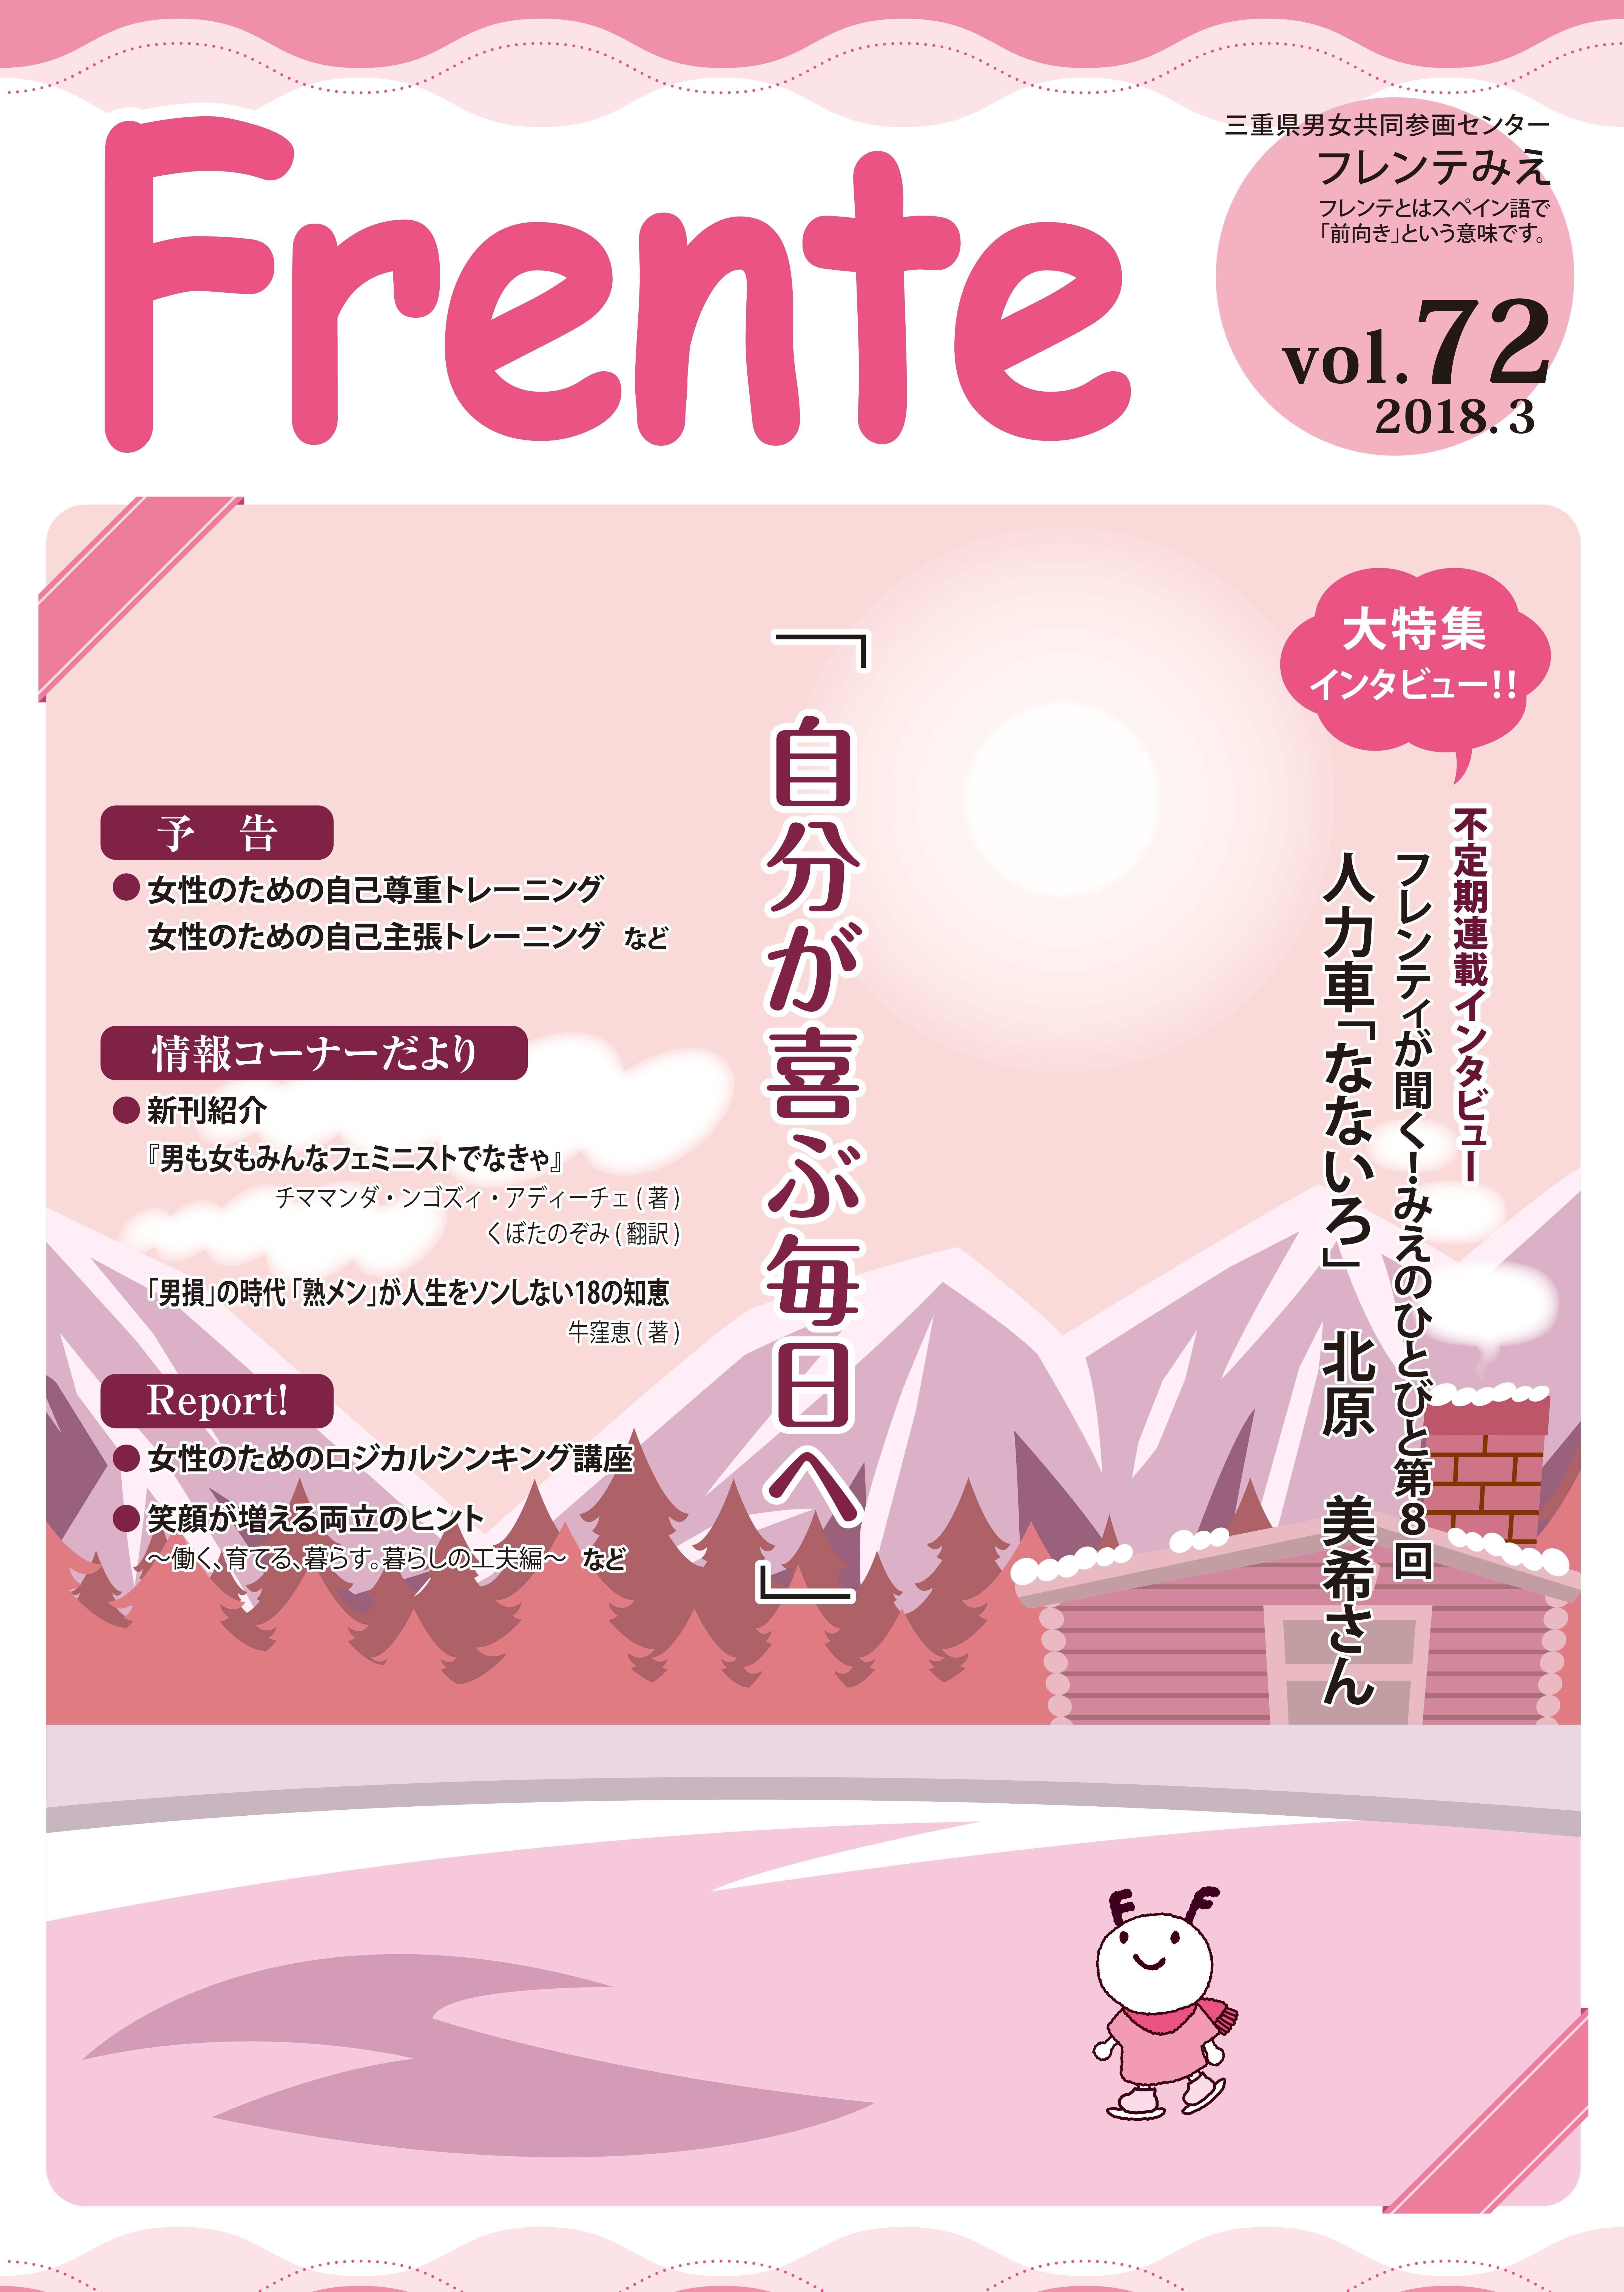 情報誌「Frente」vol.72